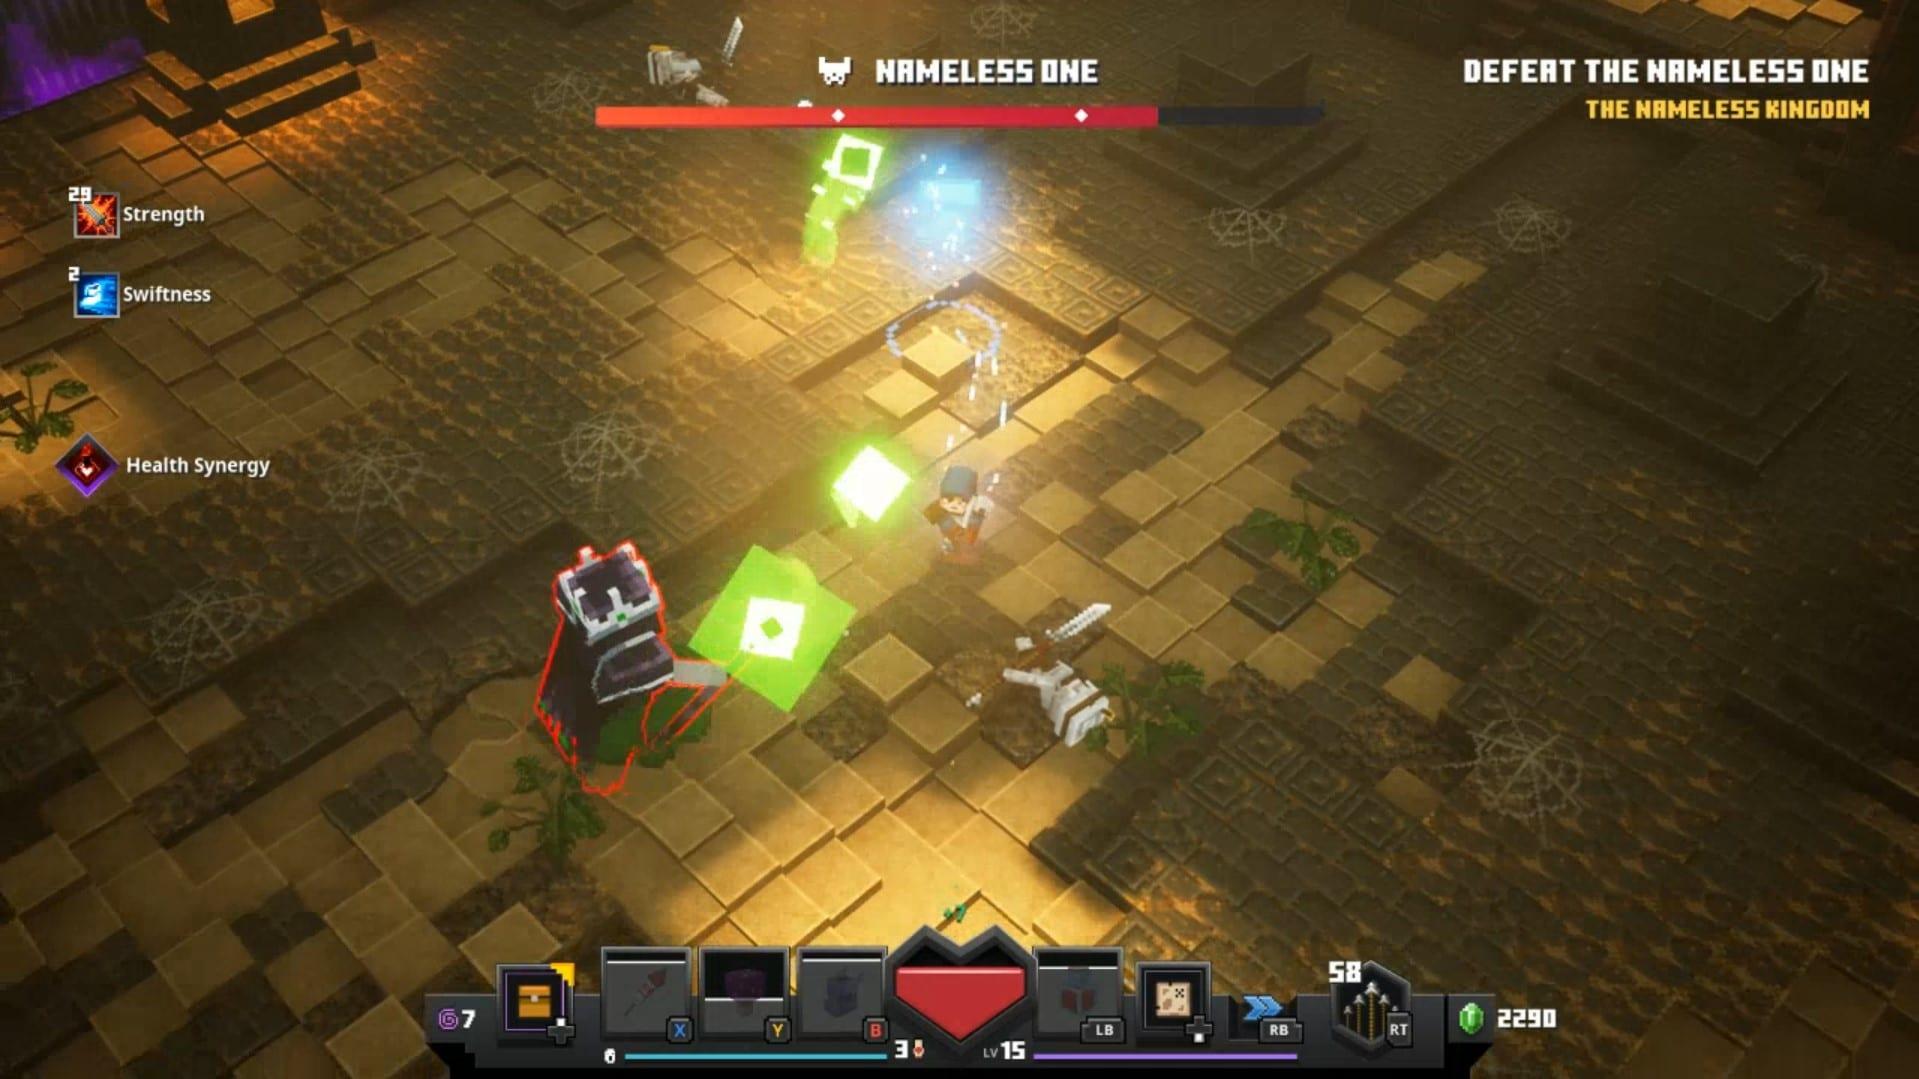 mazmorras de minecraft sin nombre una pelea de jefe